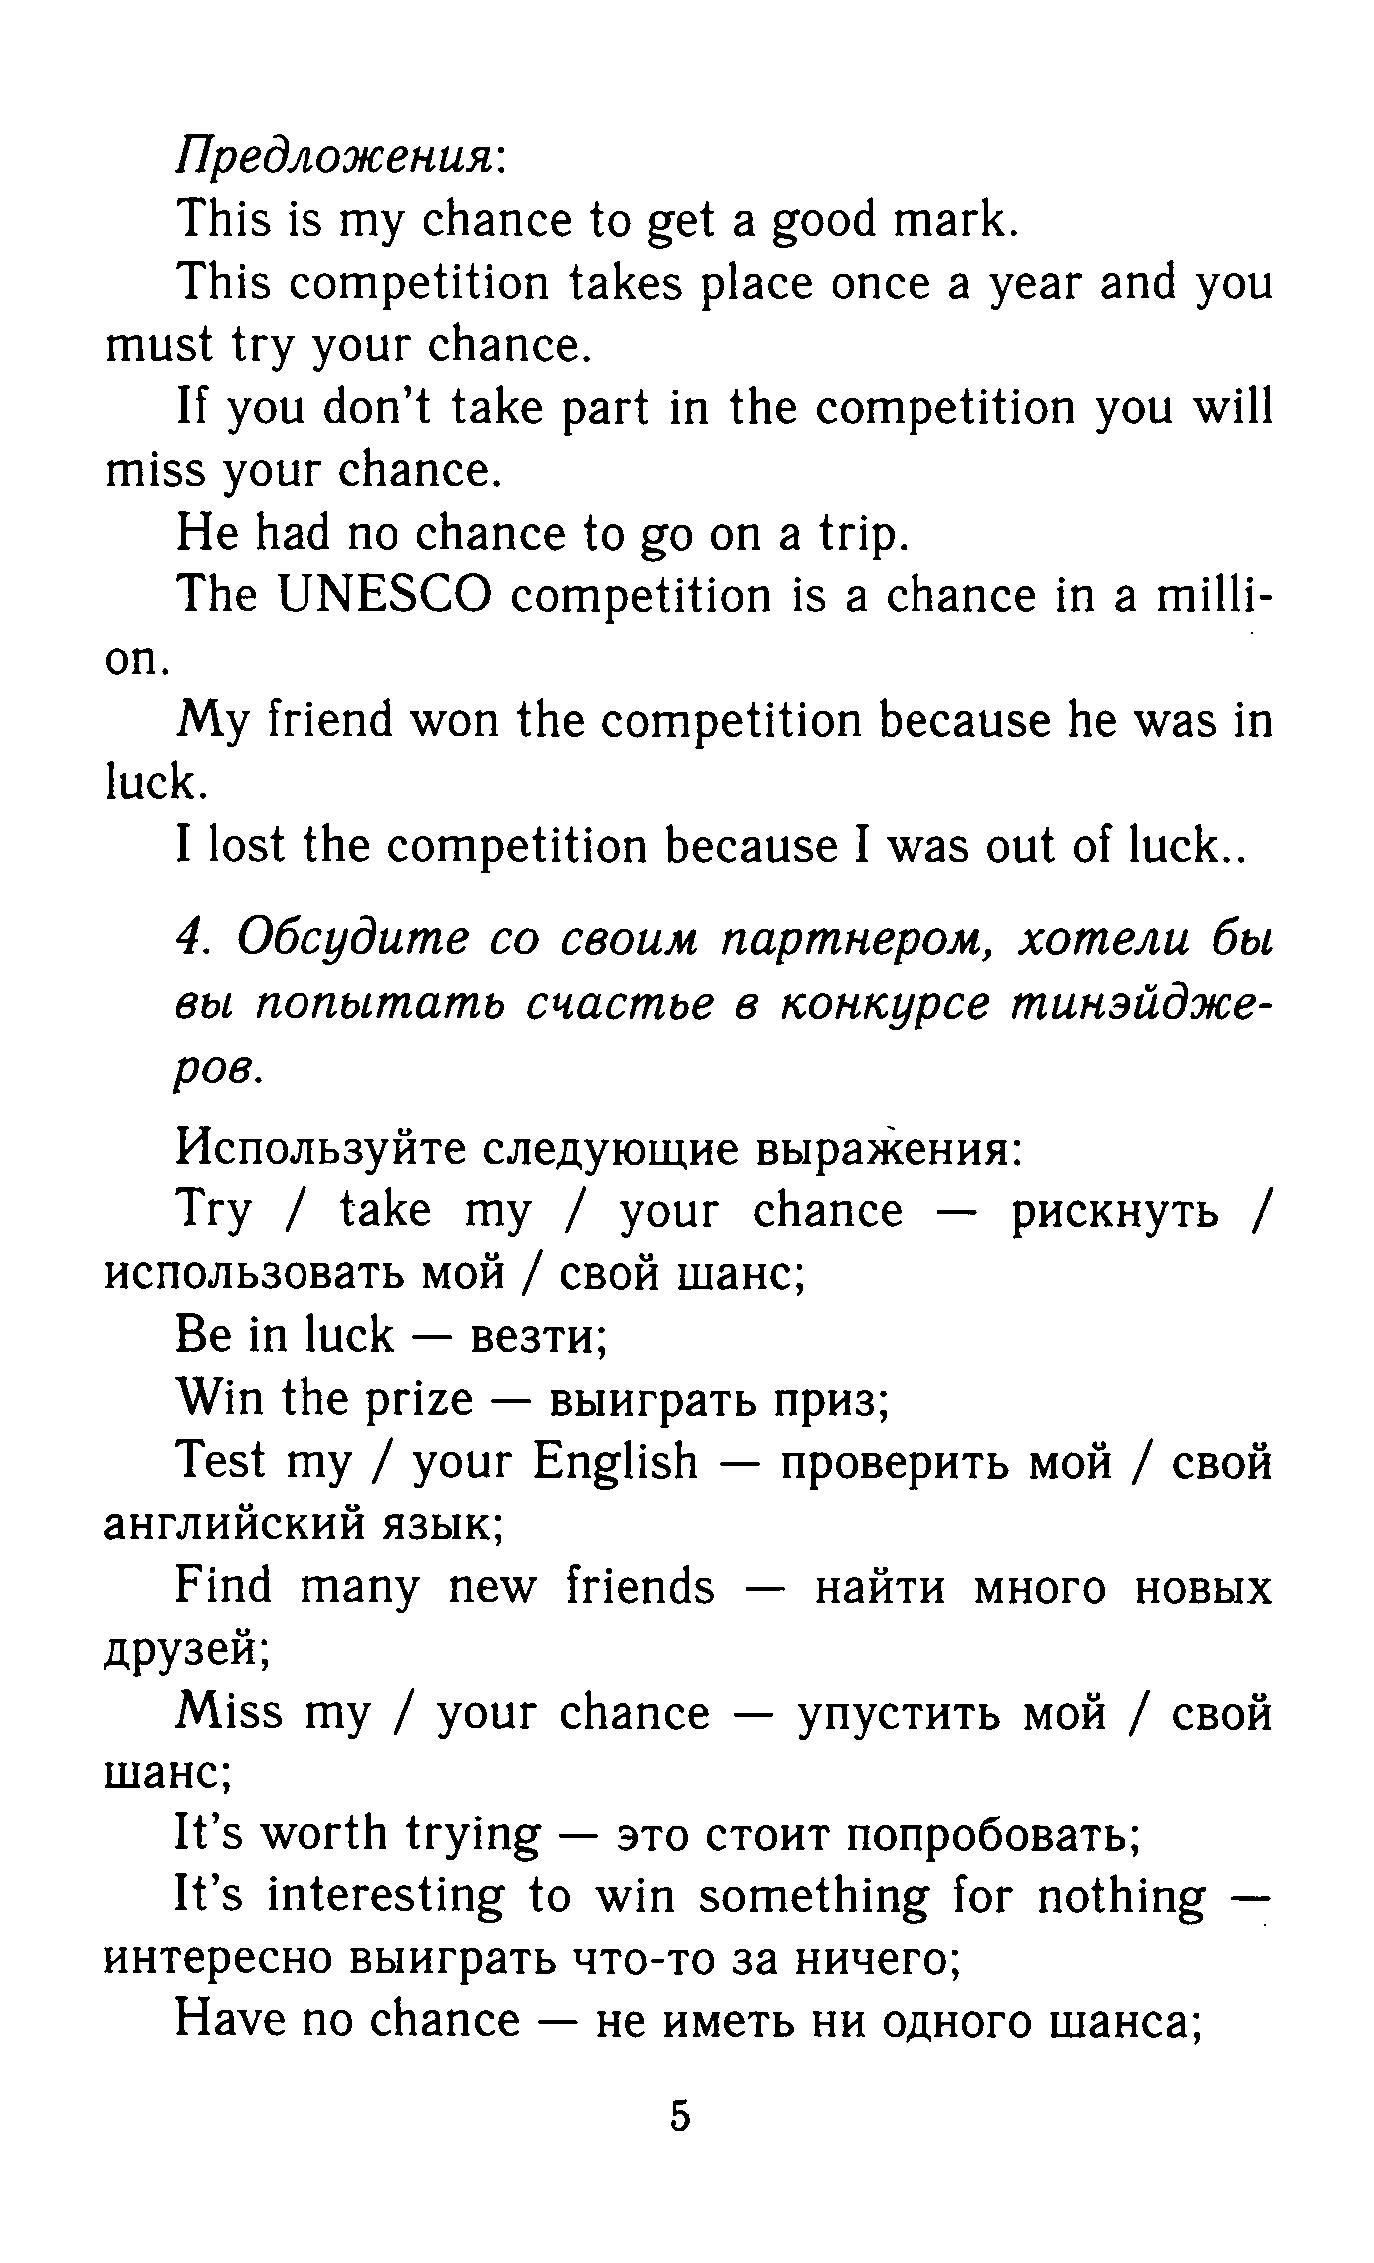 Гдз по английскому класс по хрусталевай